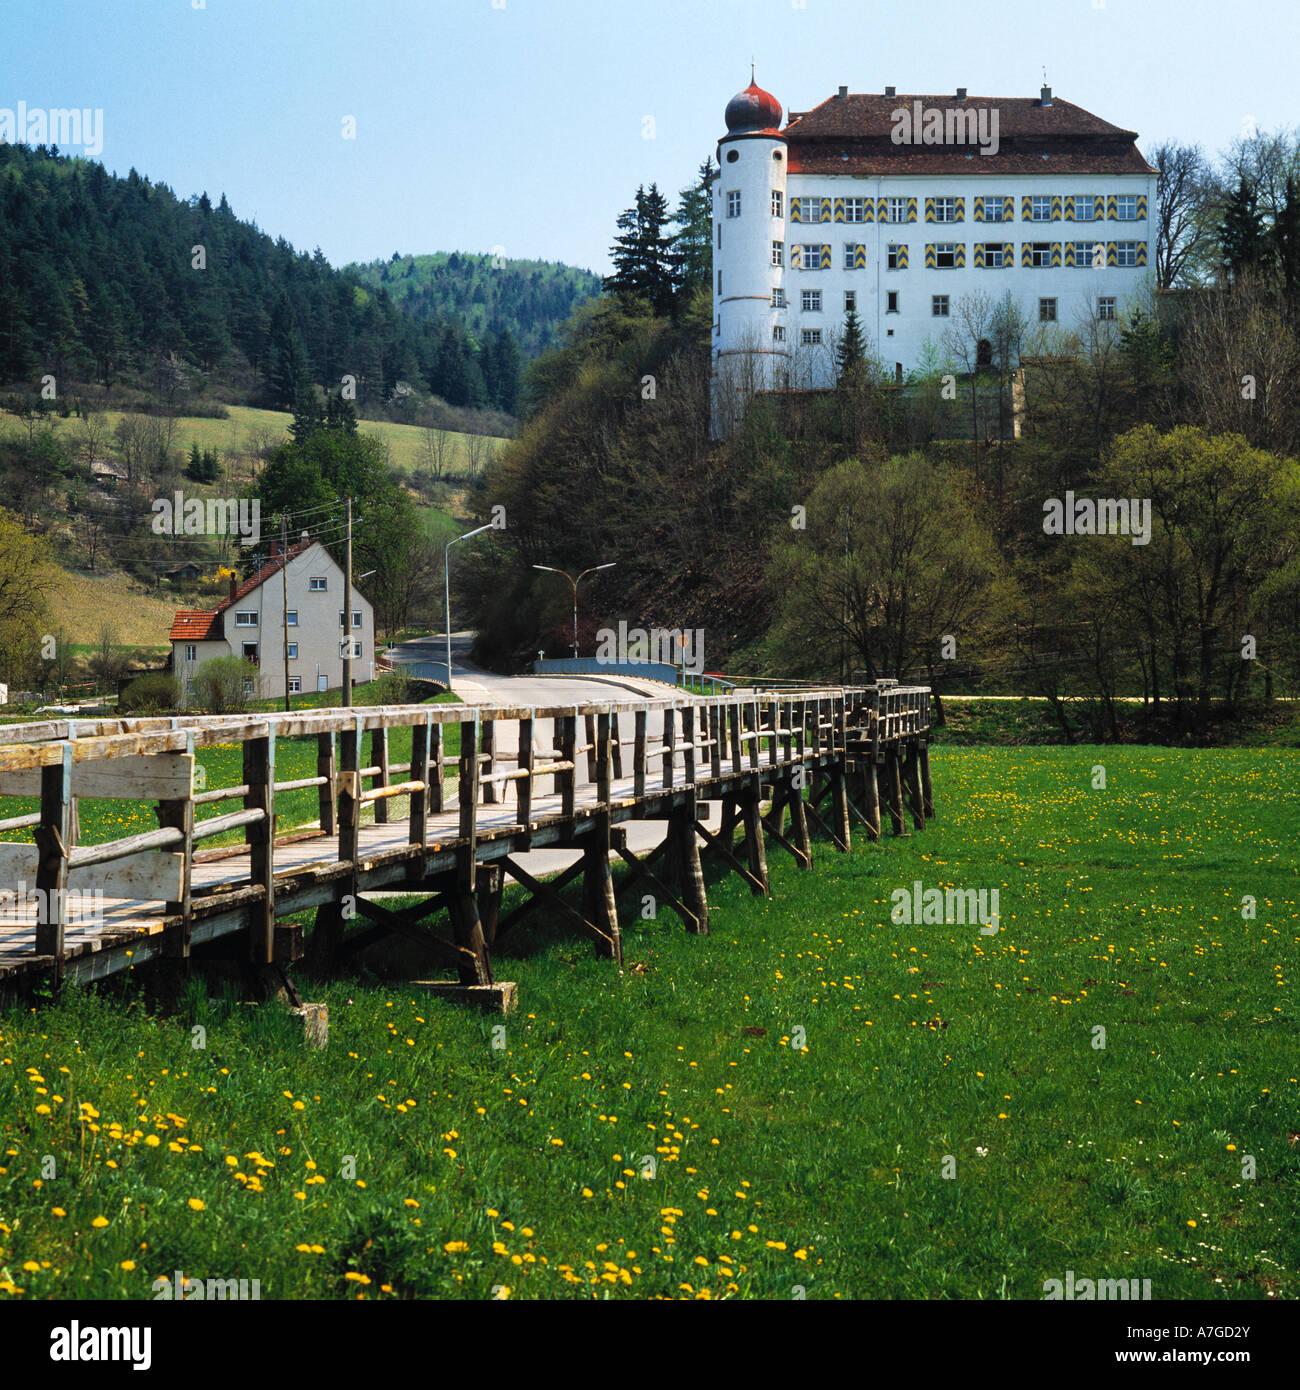 Schloss der Herren von Enzberg in Muehlheim an der Donau, Naturpark Obere Donau, Schwaebische Alb, Baden-Wuerttemberg - Stock Image